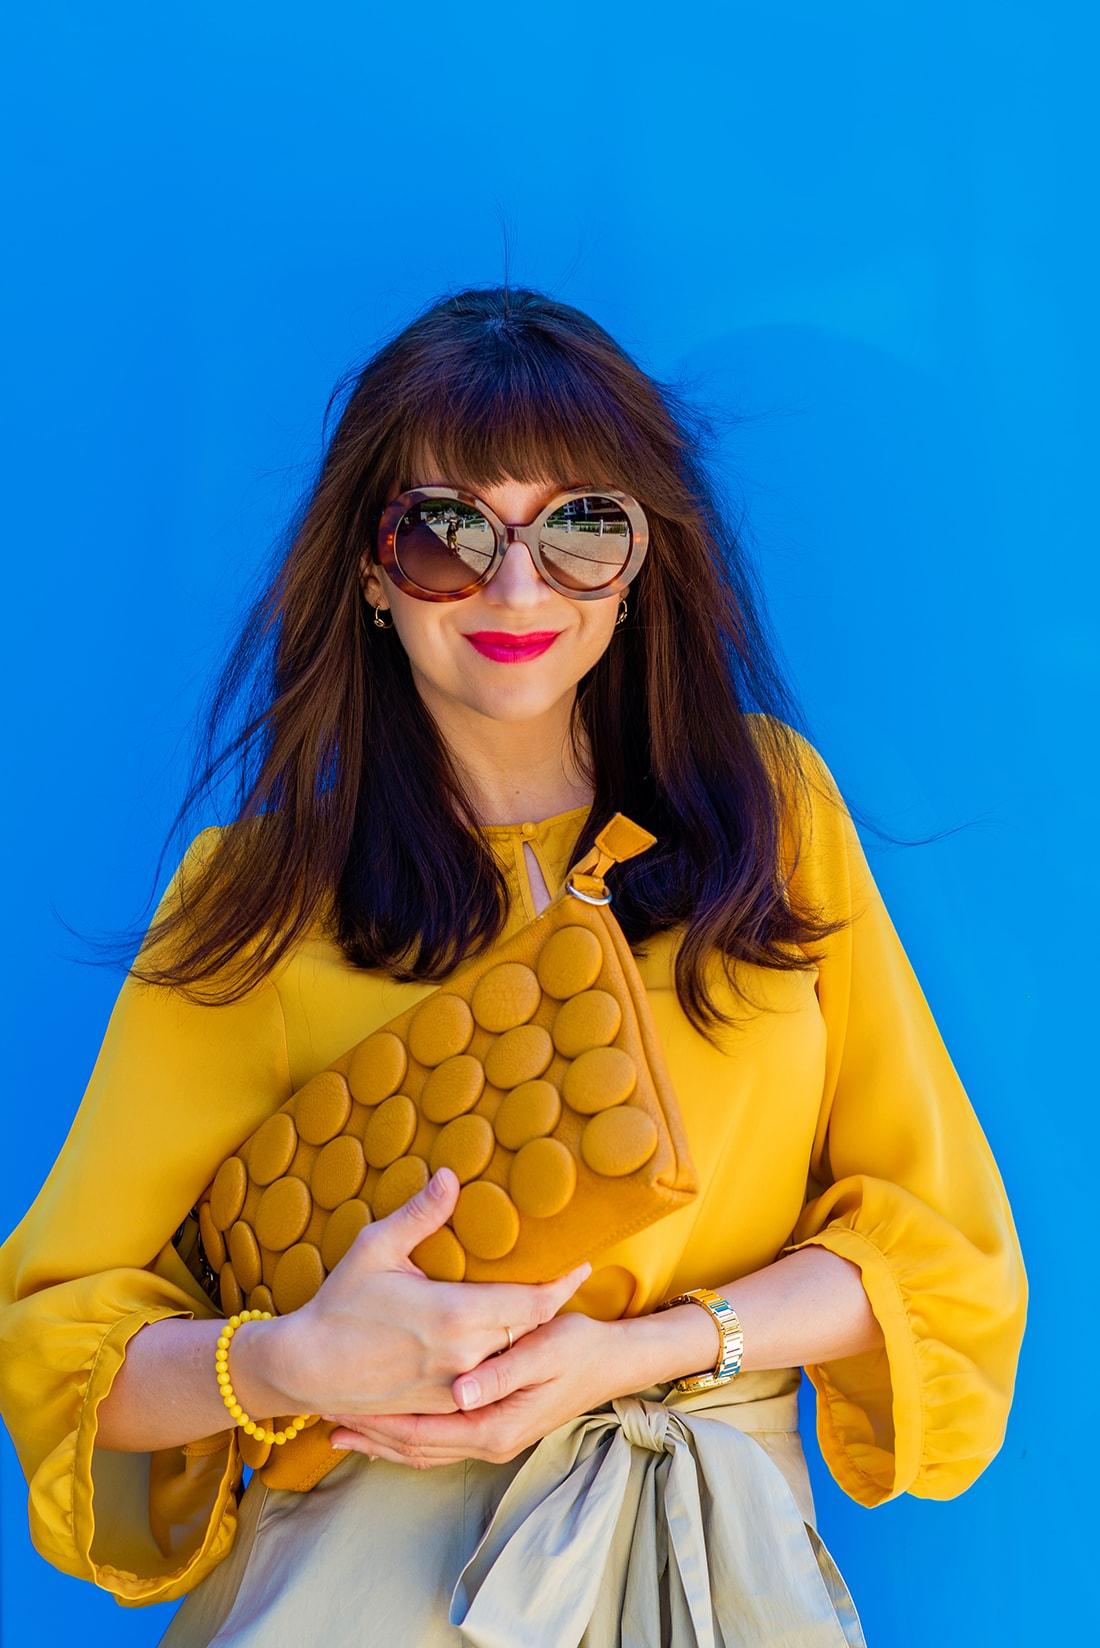 1 zo spôsobov nosenia maxi popelínovej sukne_Katharine-fashion is beautiful_blog16_Maxi sukňa_Žltá blúzka_Bratislava_Katarína Jakubčová_Fashion blogger